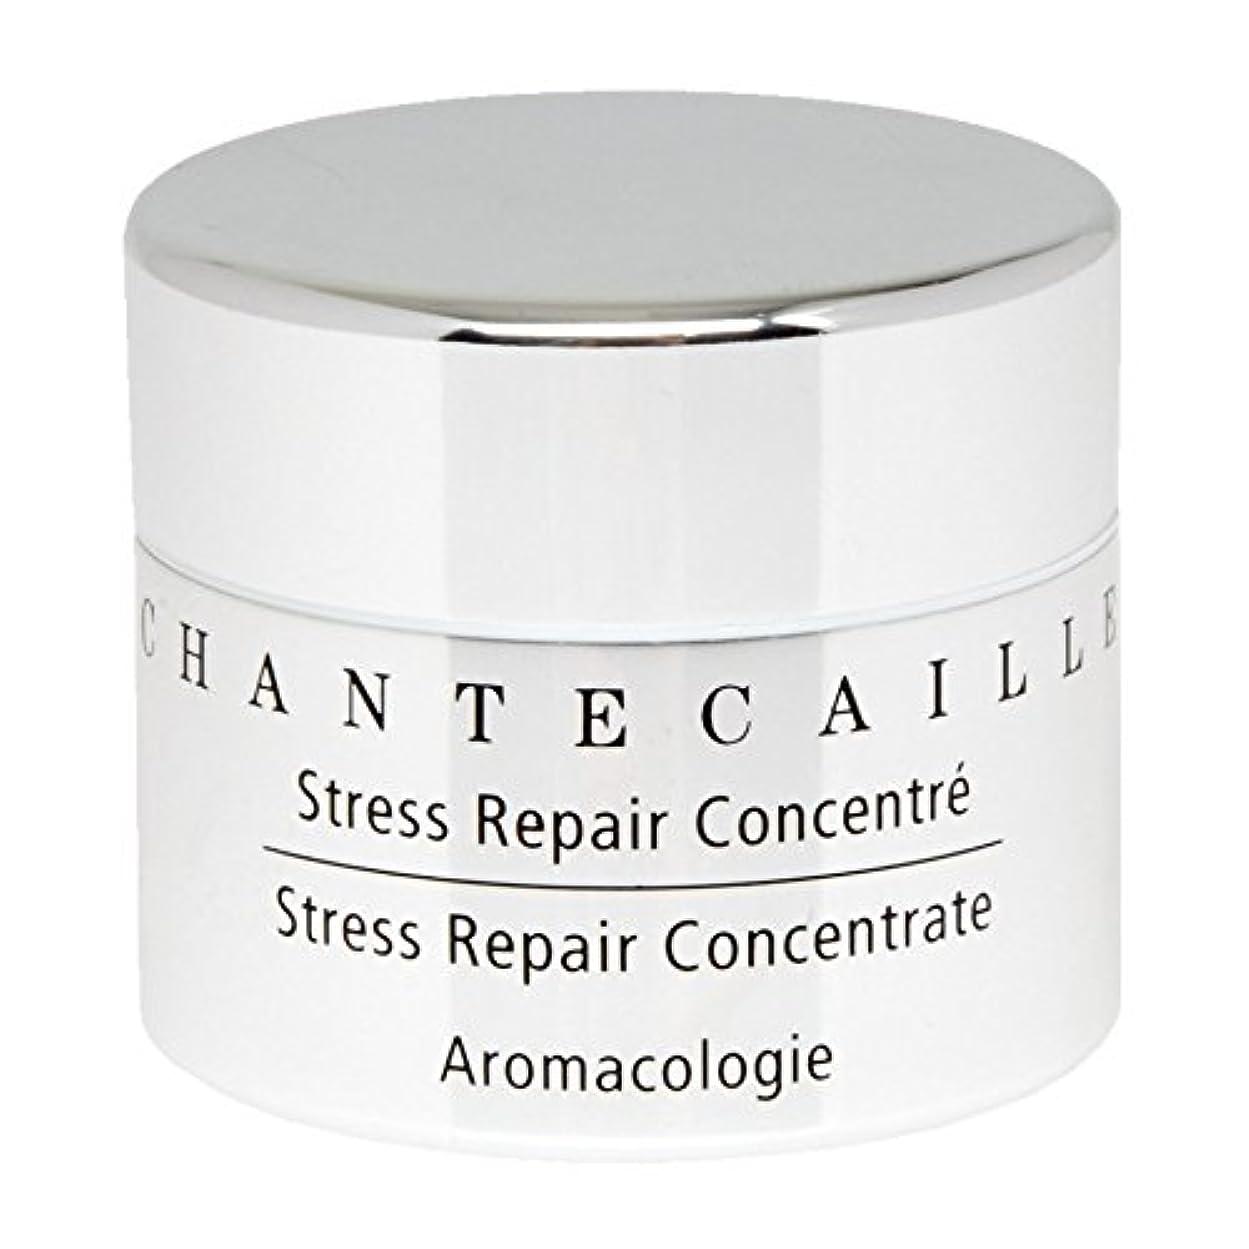 同様にウイルスマインドフルChantecaille Stress Repair Concentrate 15ml - シャンテカイユストレス修復濃縮15ミリリットル [並行輸入品]